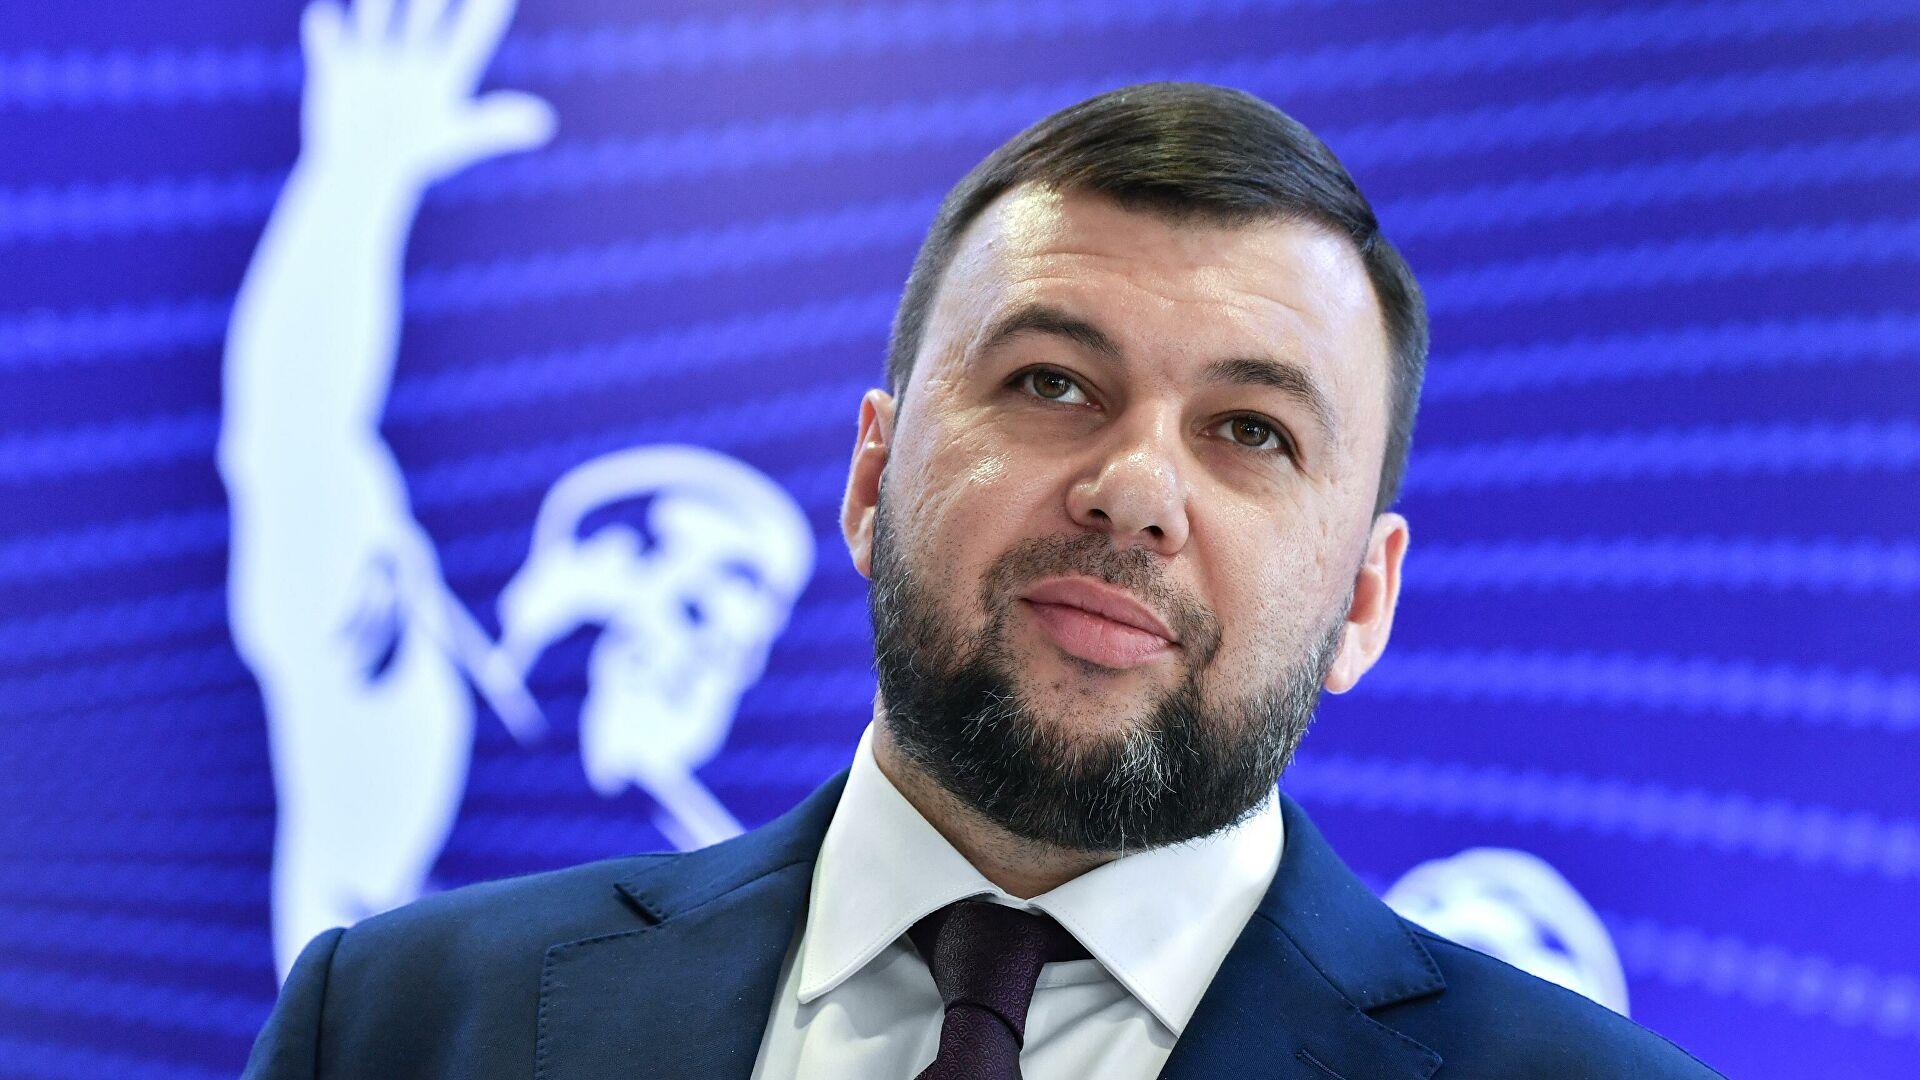 Predsednik DNR-a: U Donbasu žive građani Rusije, mi biramo vlast u svojoj zemlji